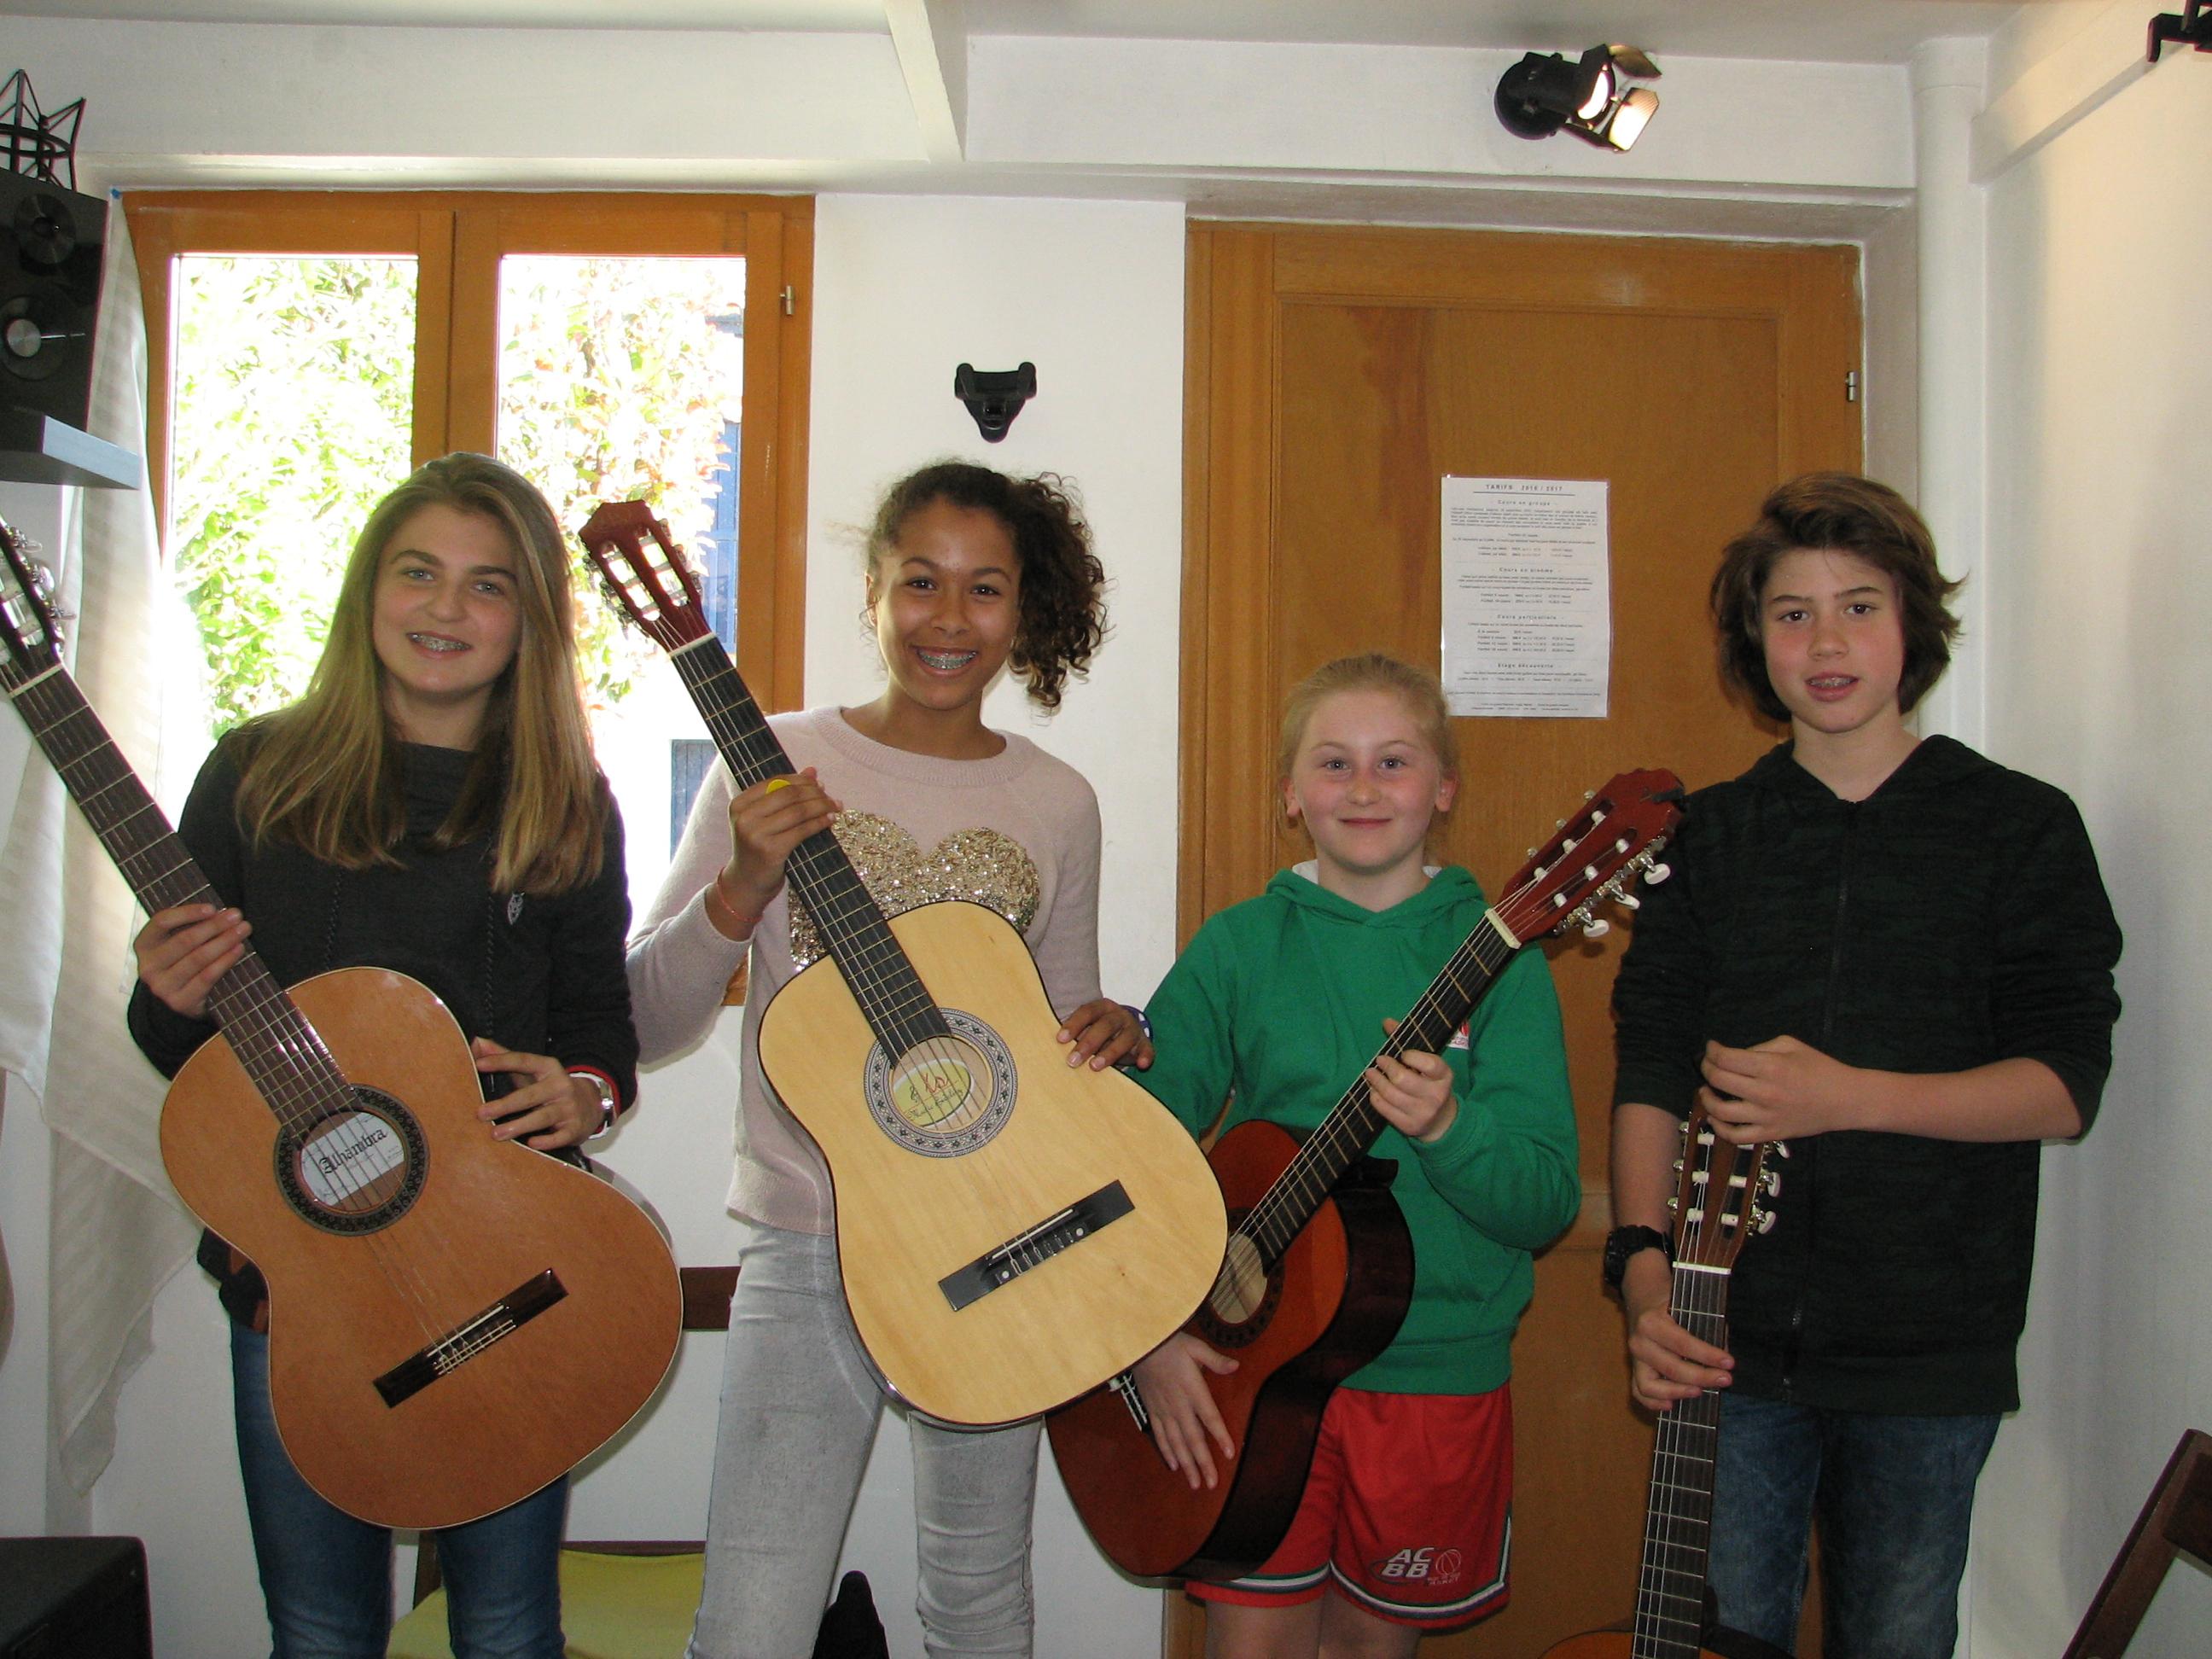 Naia, Lorea, Isaure et Maxime.